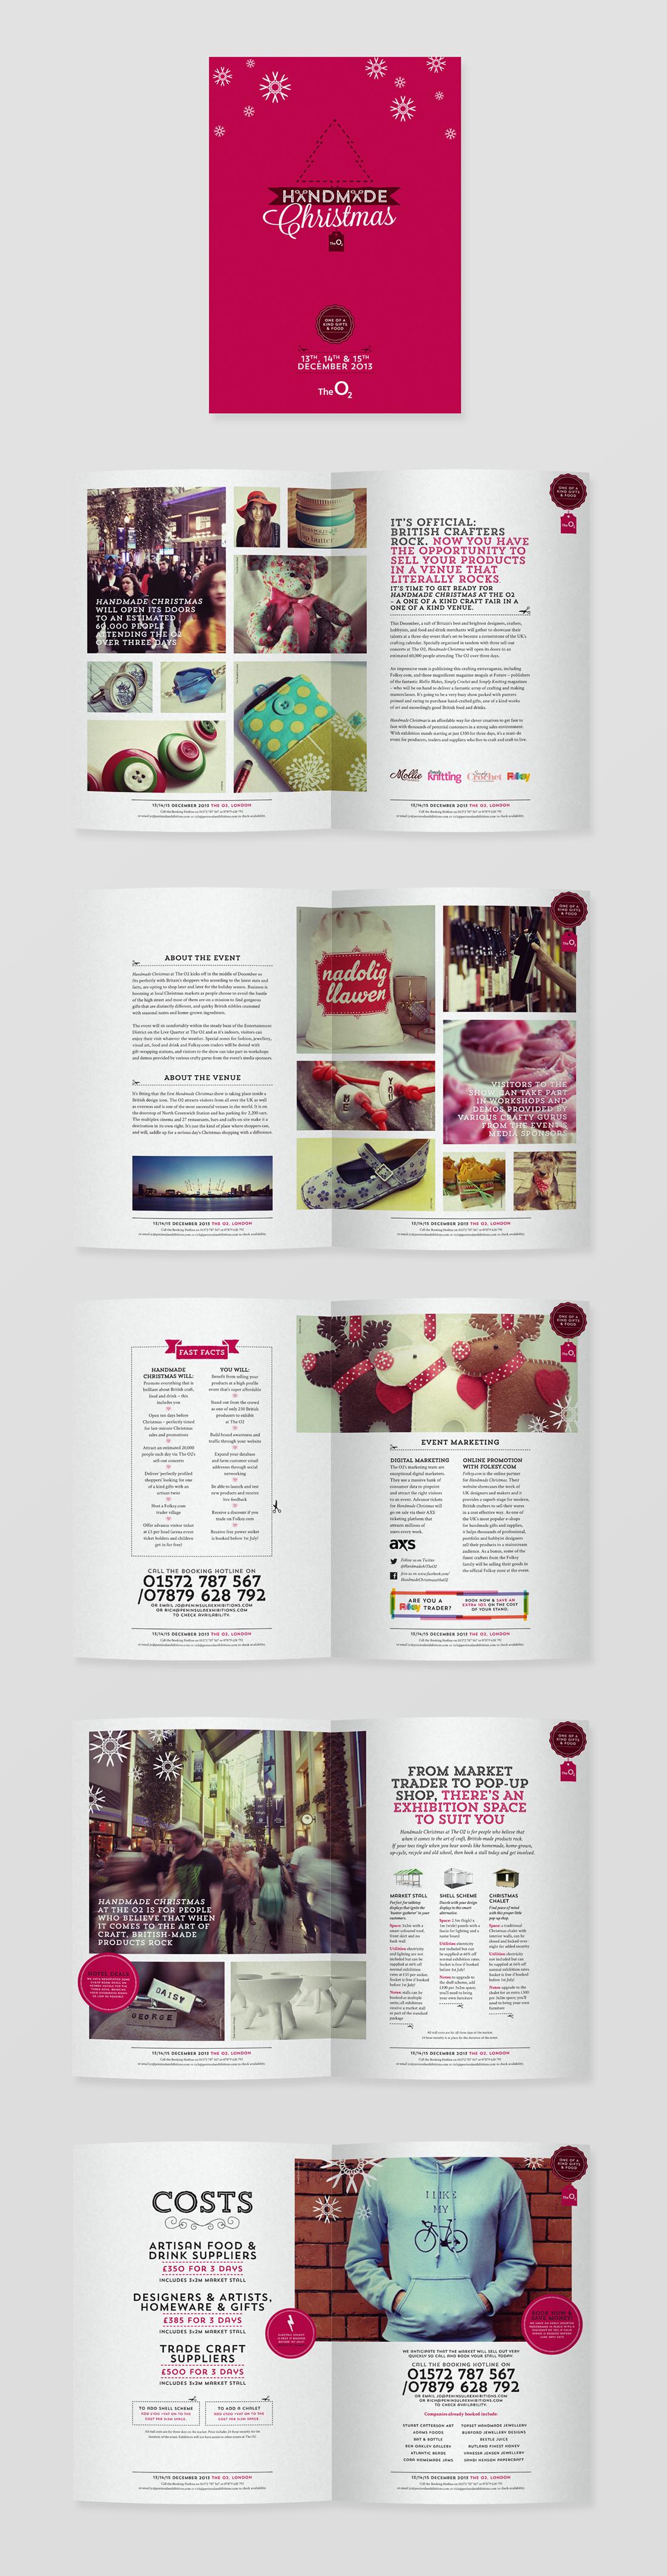 Montrosecreative Com Handmade Christmas At The O2 Branding And